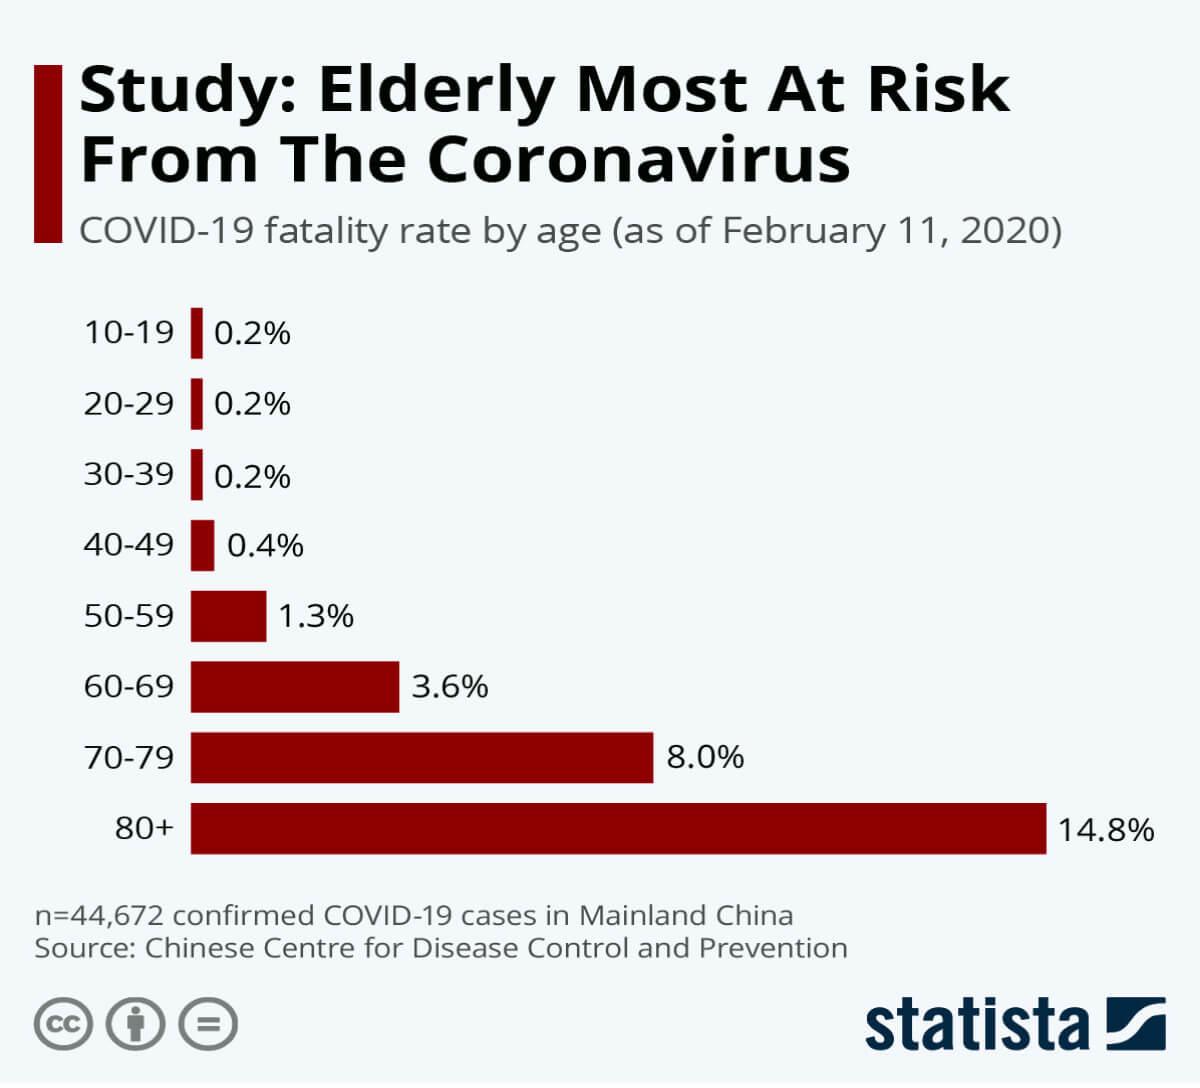 Concierge Doctors - Over 65